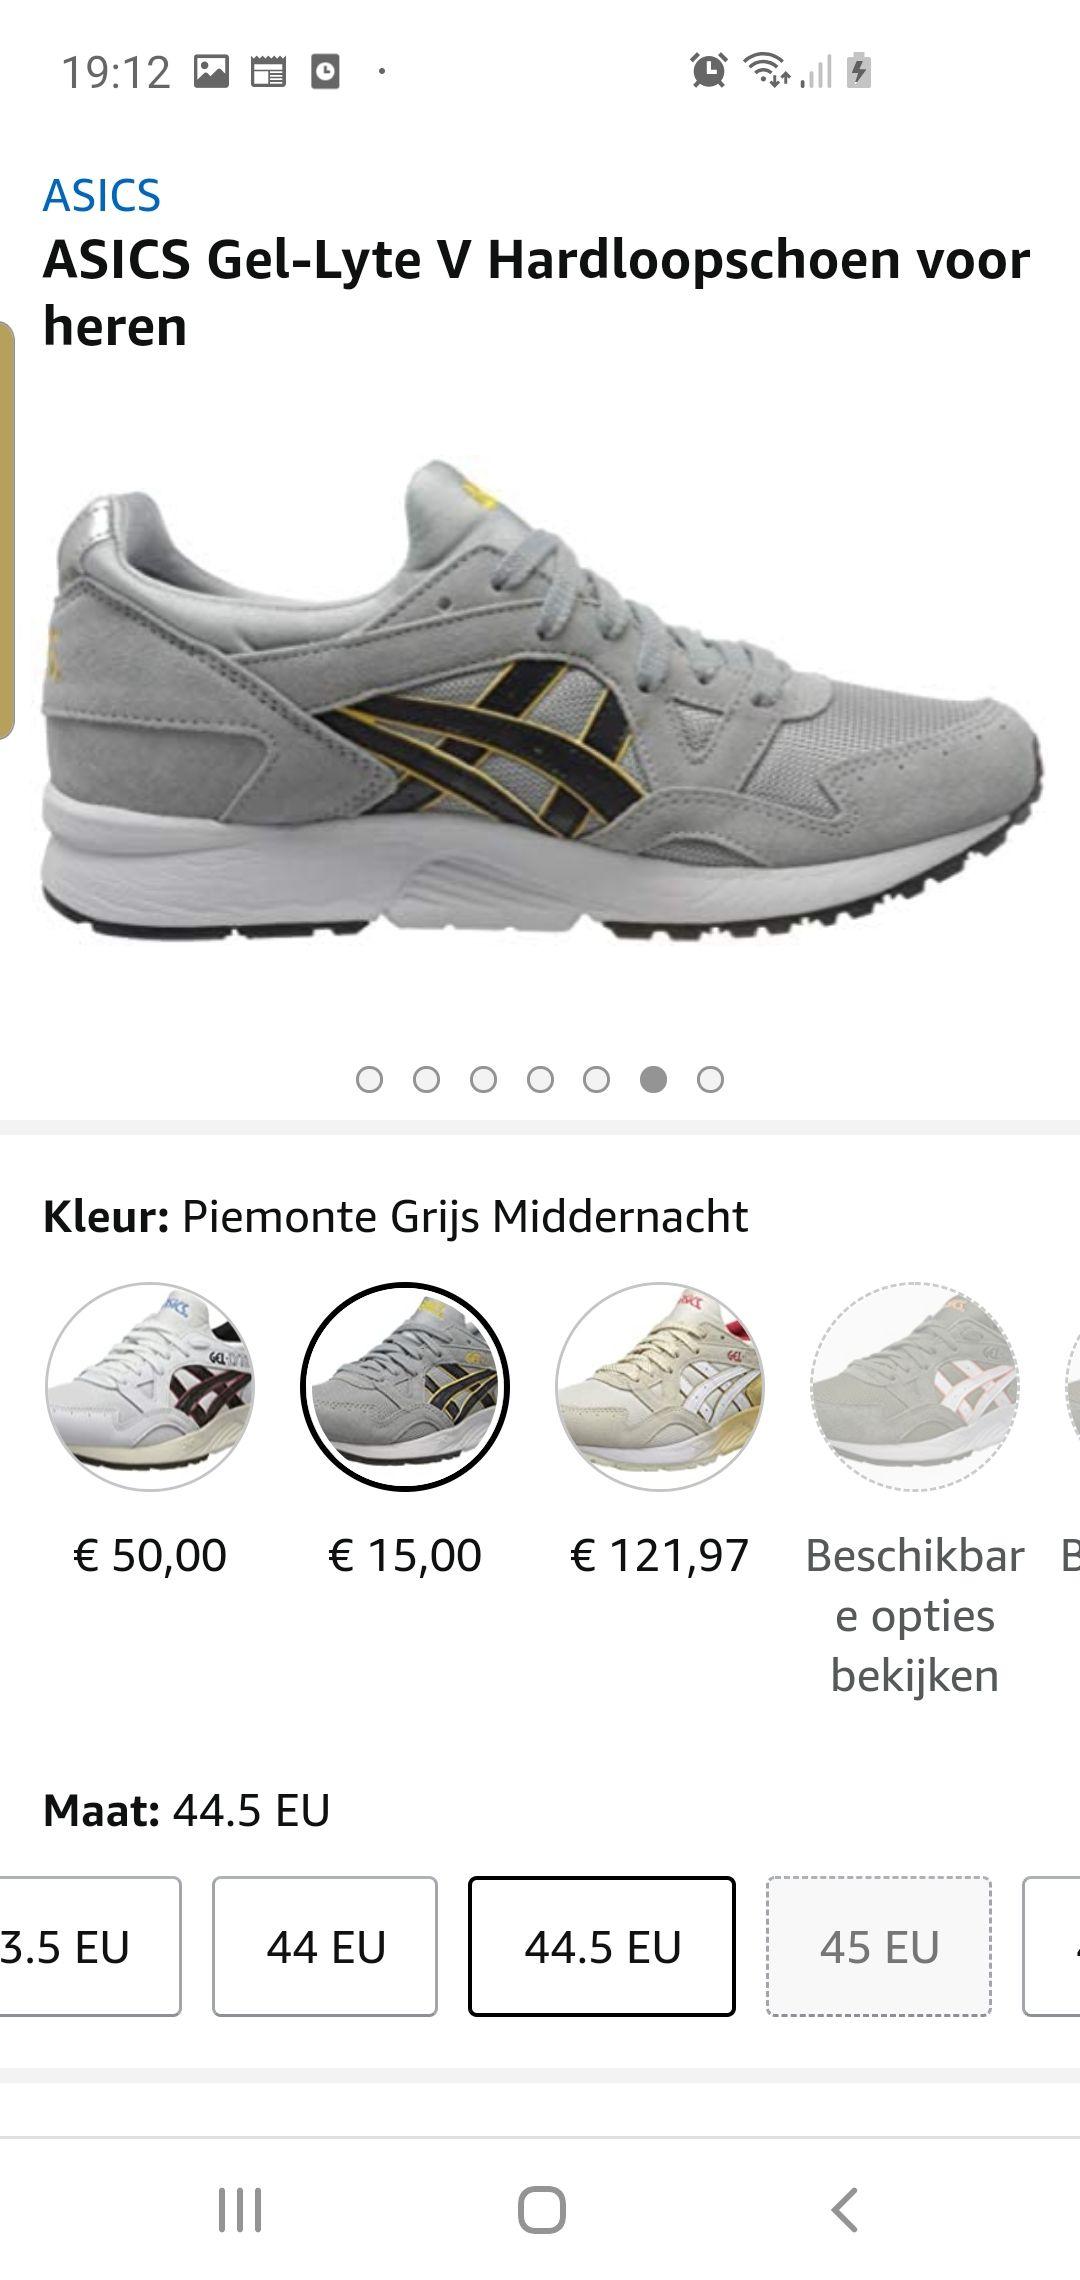 Asic's Gel-Lyte V heren schoenen voor €15 @ Amazon.nl